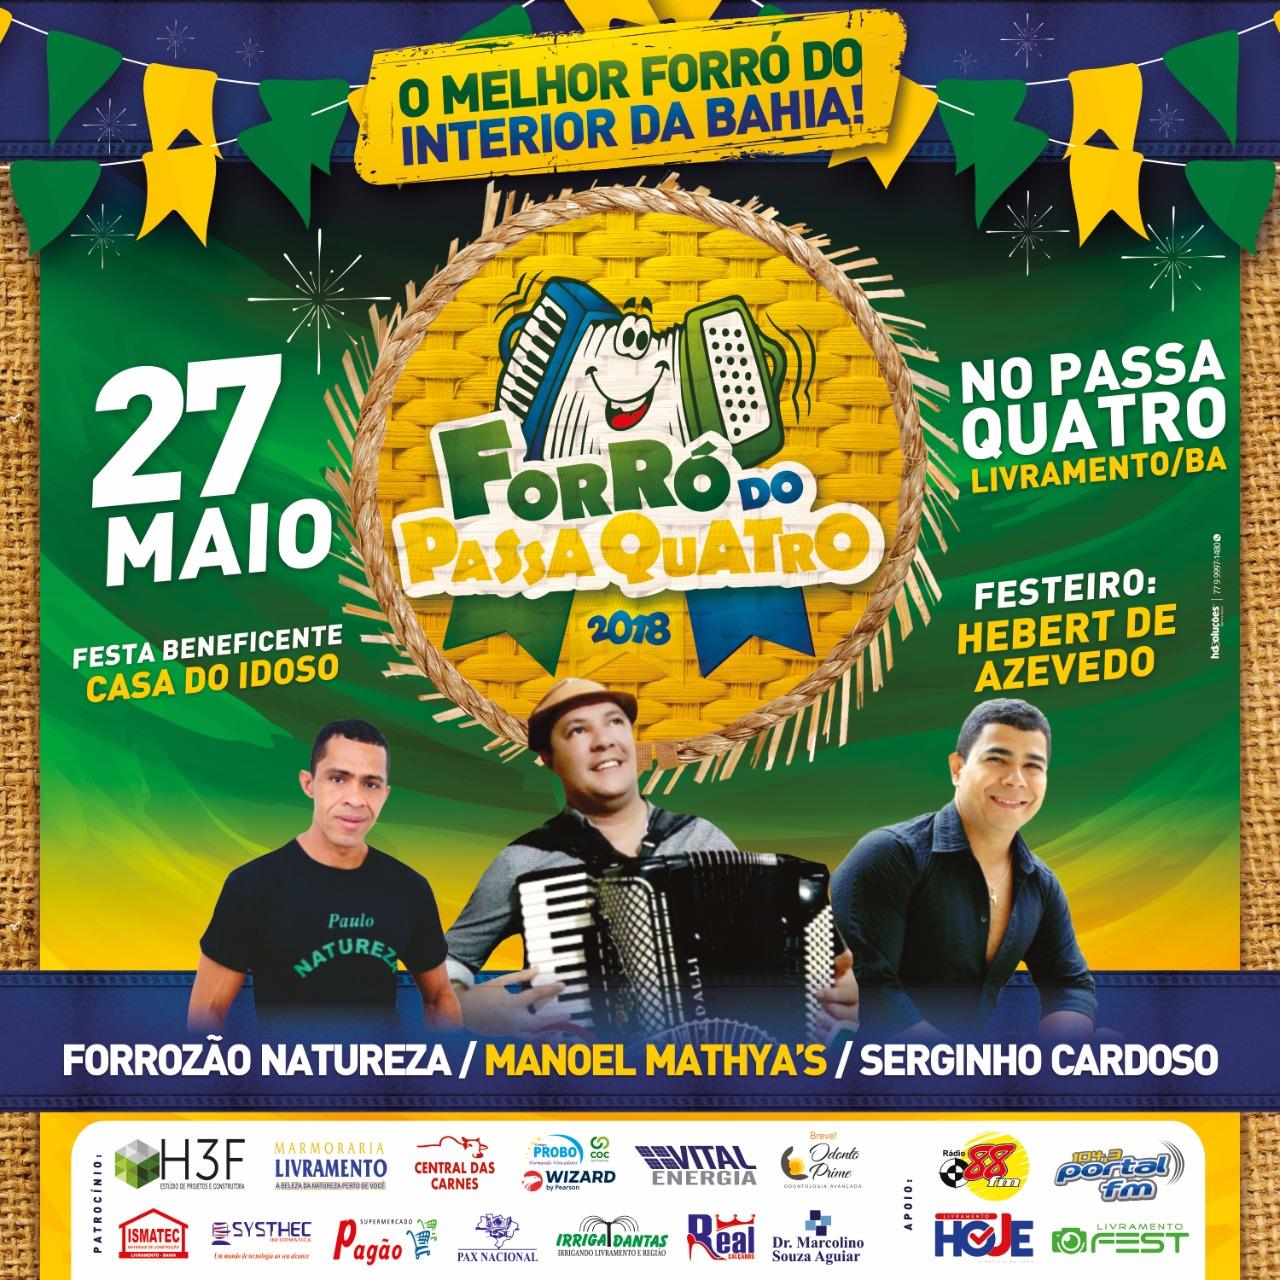 Livramento: Forrozão Natureza, Manoel Mathya's e Serginho Cardoso irão animar o terceiro Domingo de Sol do Passa Quatro